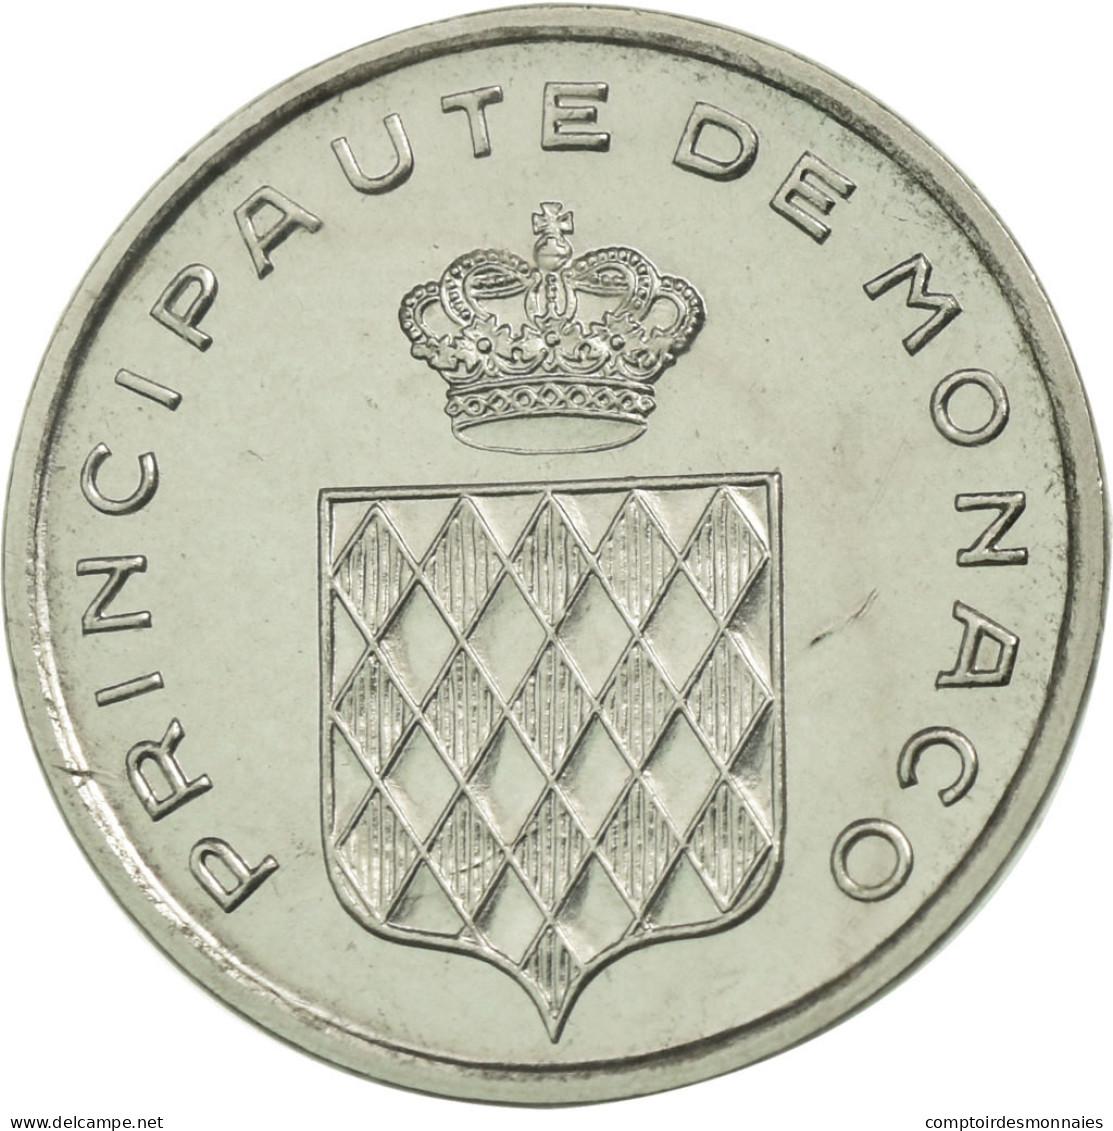 Monnaie, Monaco, Centime, 1976, ESSAI, FDC, Stainless Steel, Gadoury:MC 144 - Monaco